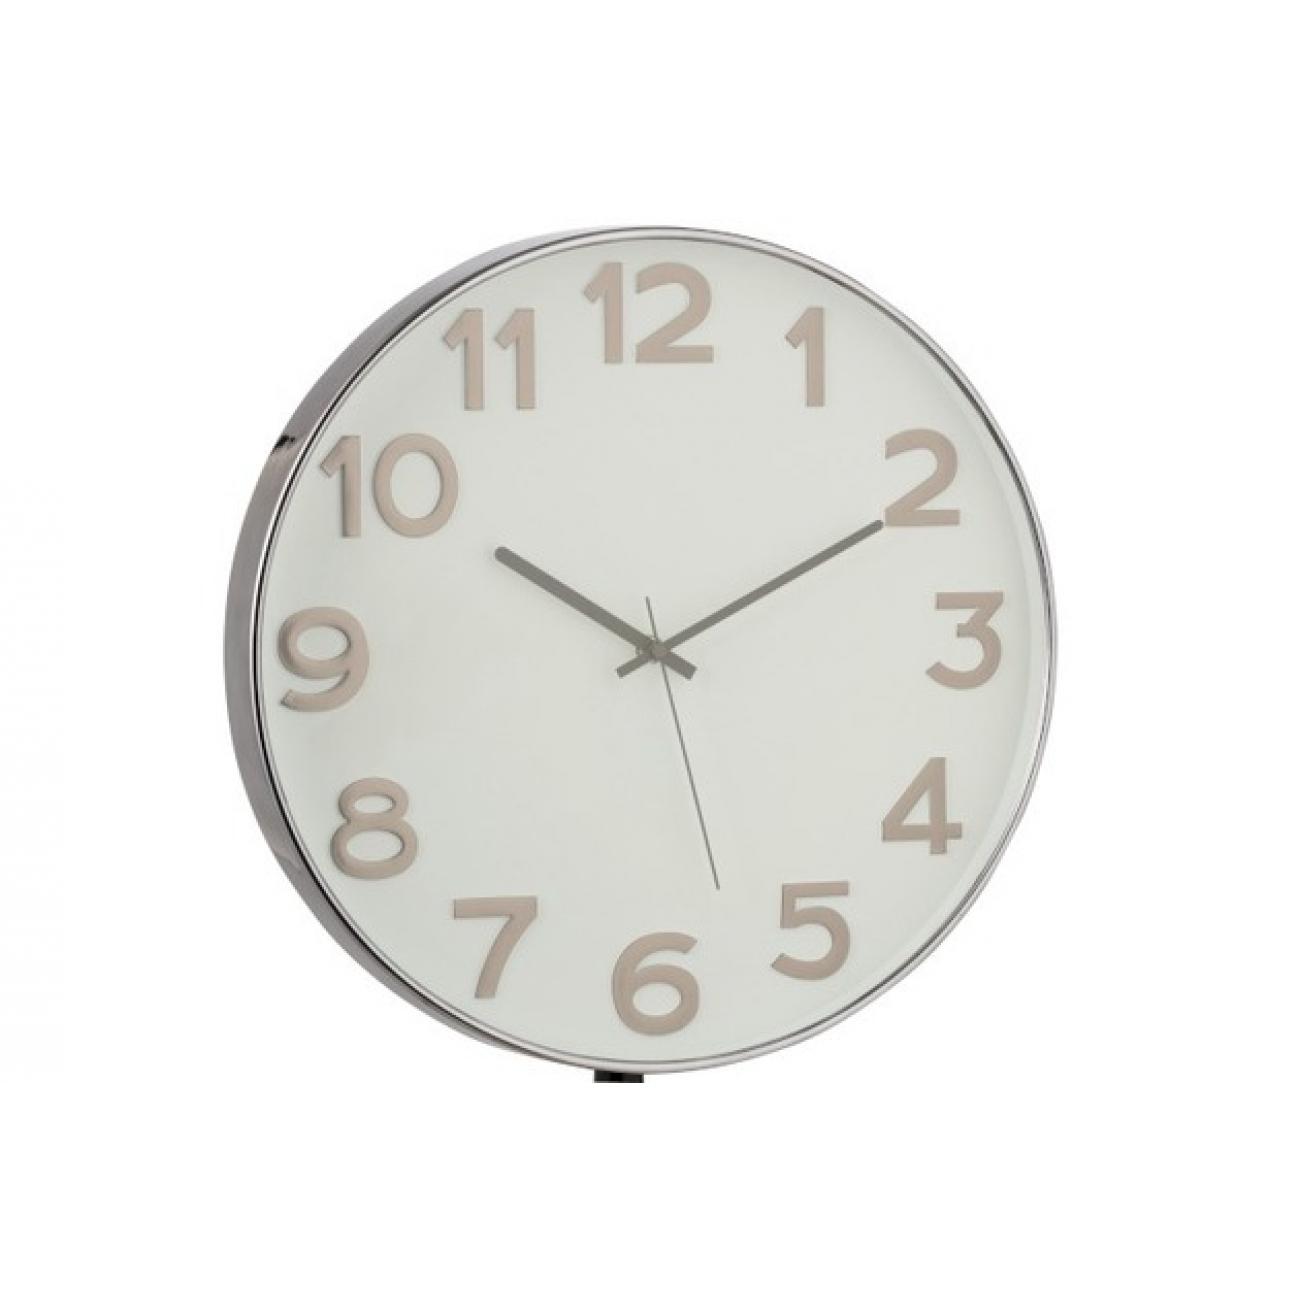 Настенные часы J-LINE круглые в пластиковом корпусе серые арабские цифры диаметр 40 см